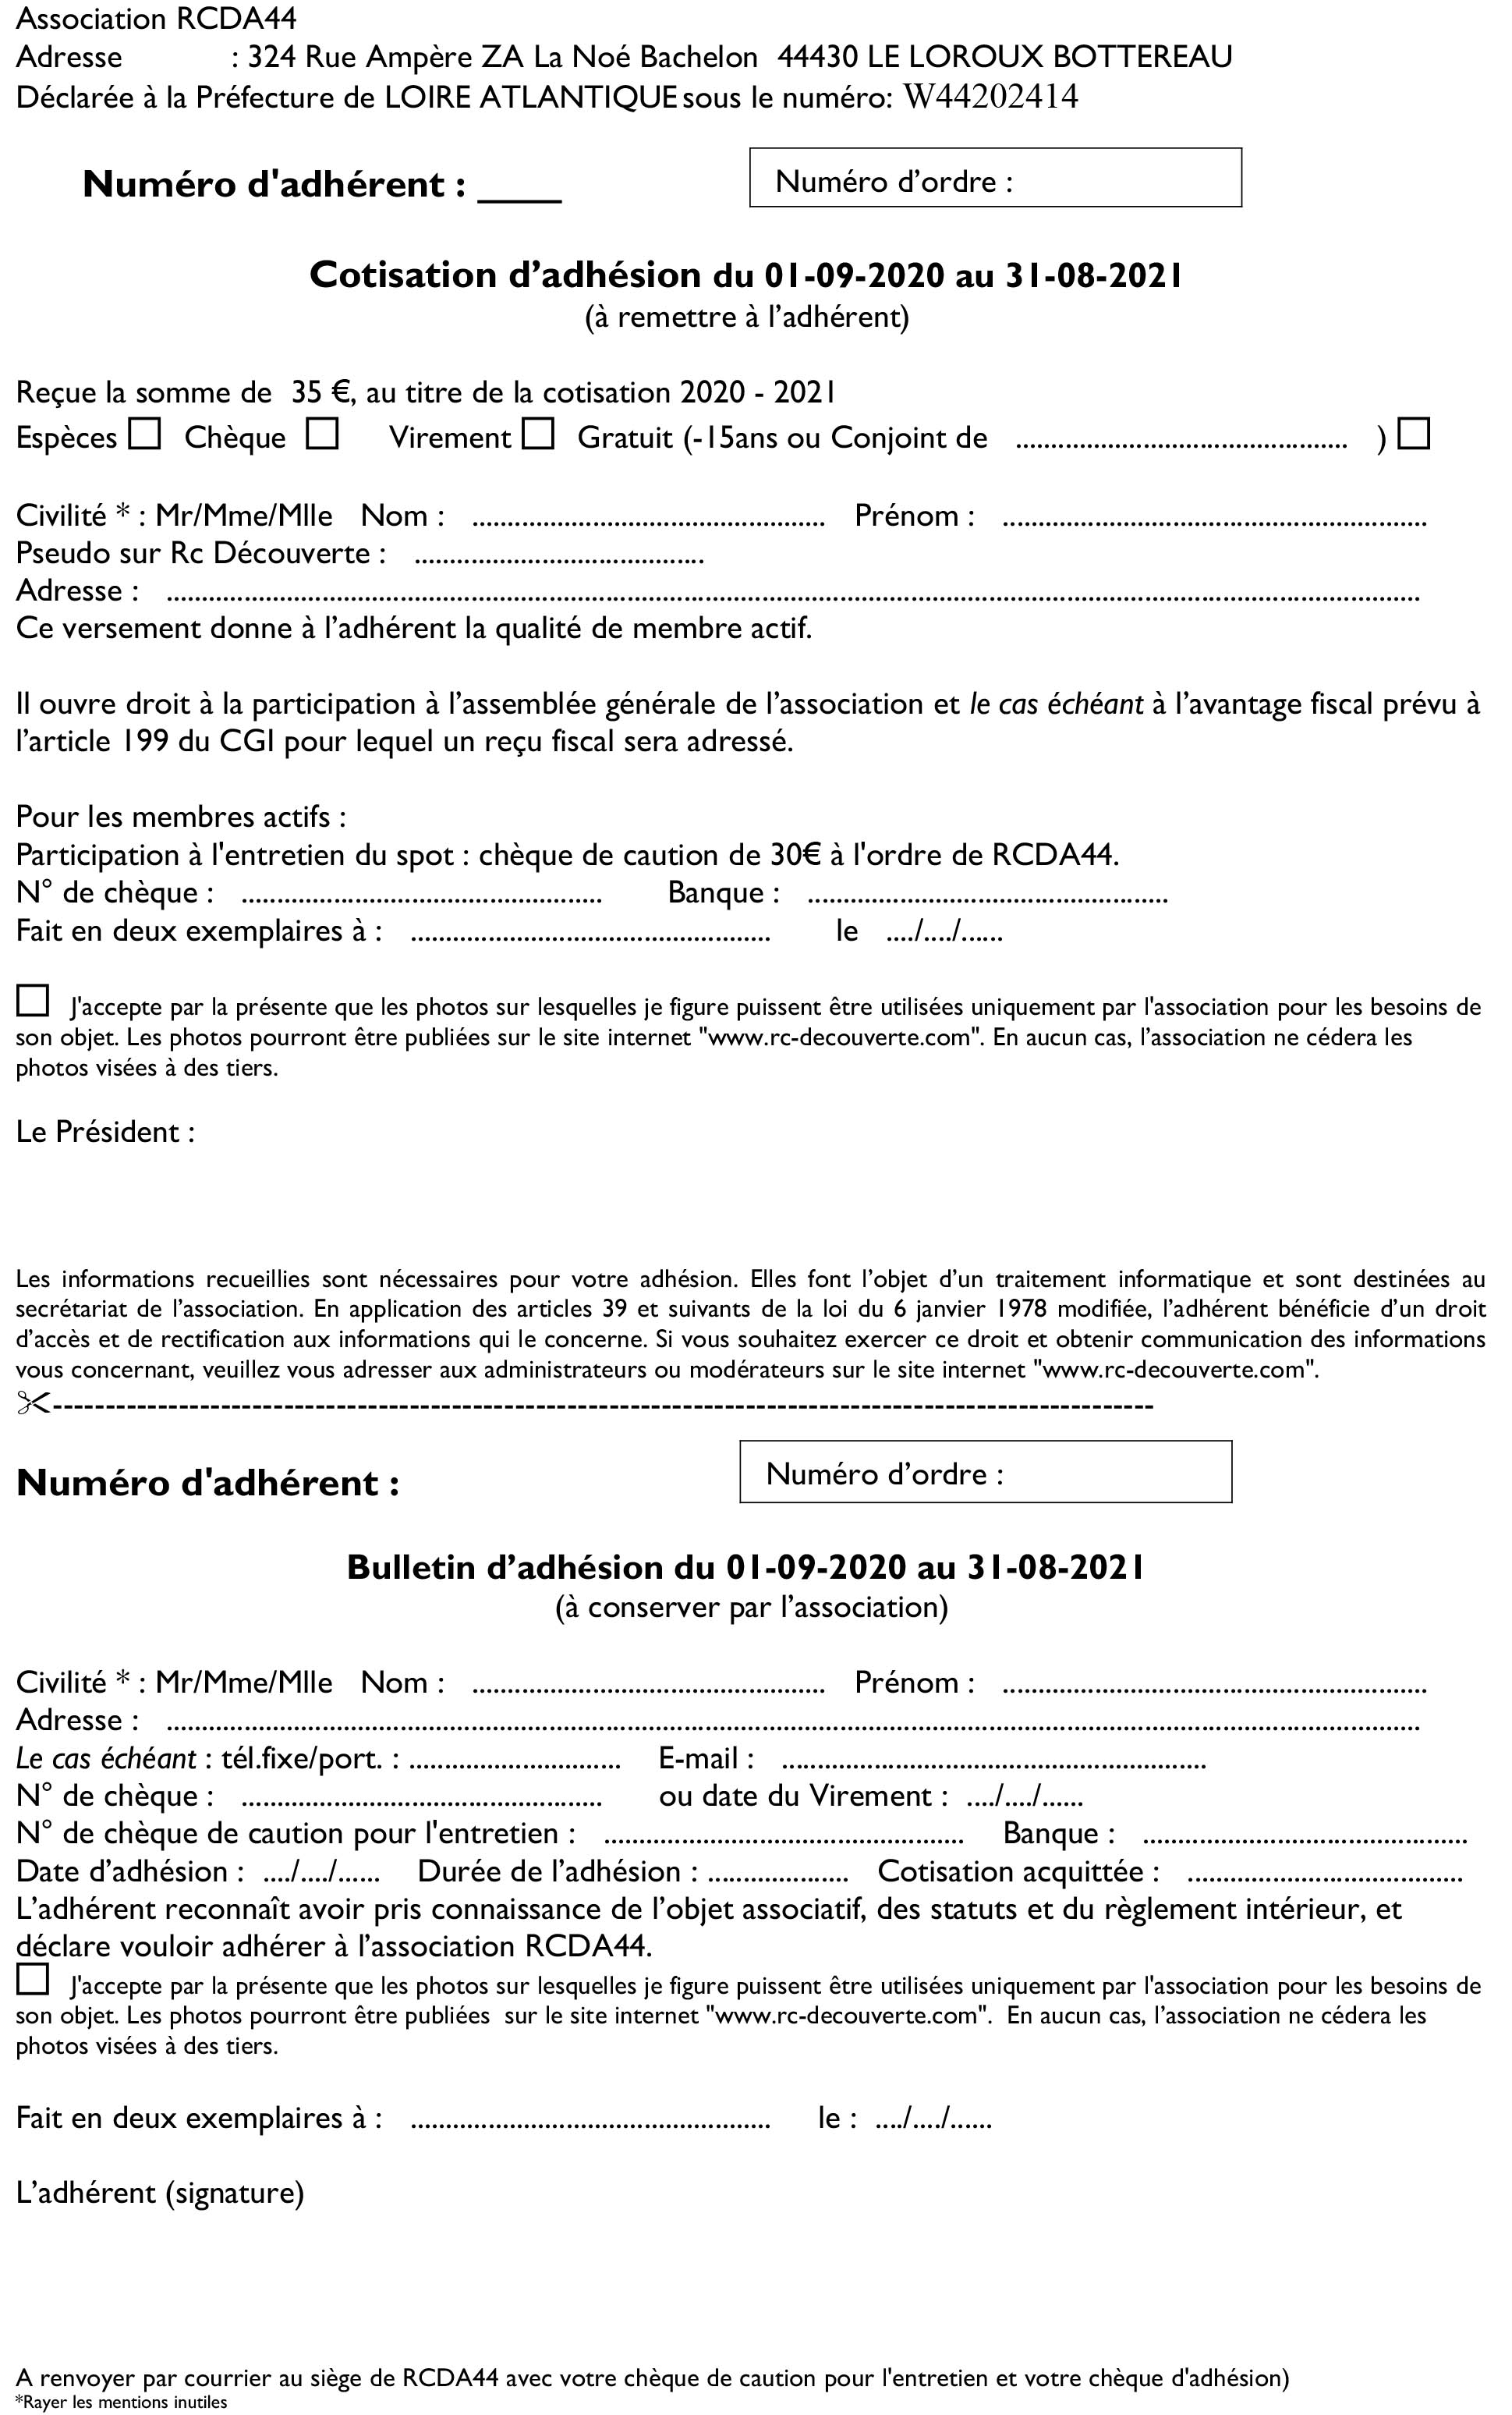 Présentation de l'Association RCDA44, Modalité d'Inscription et Donations V6-bul10